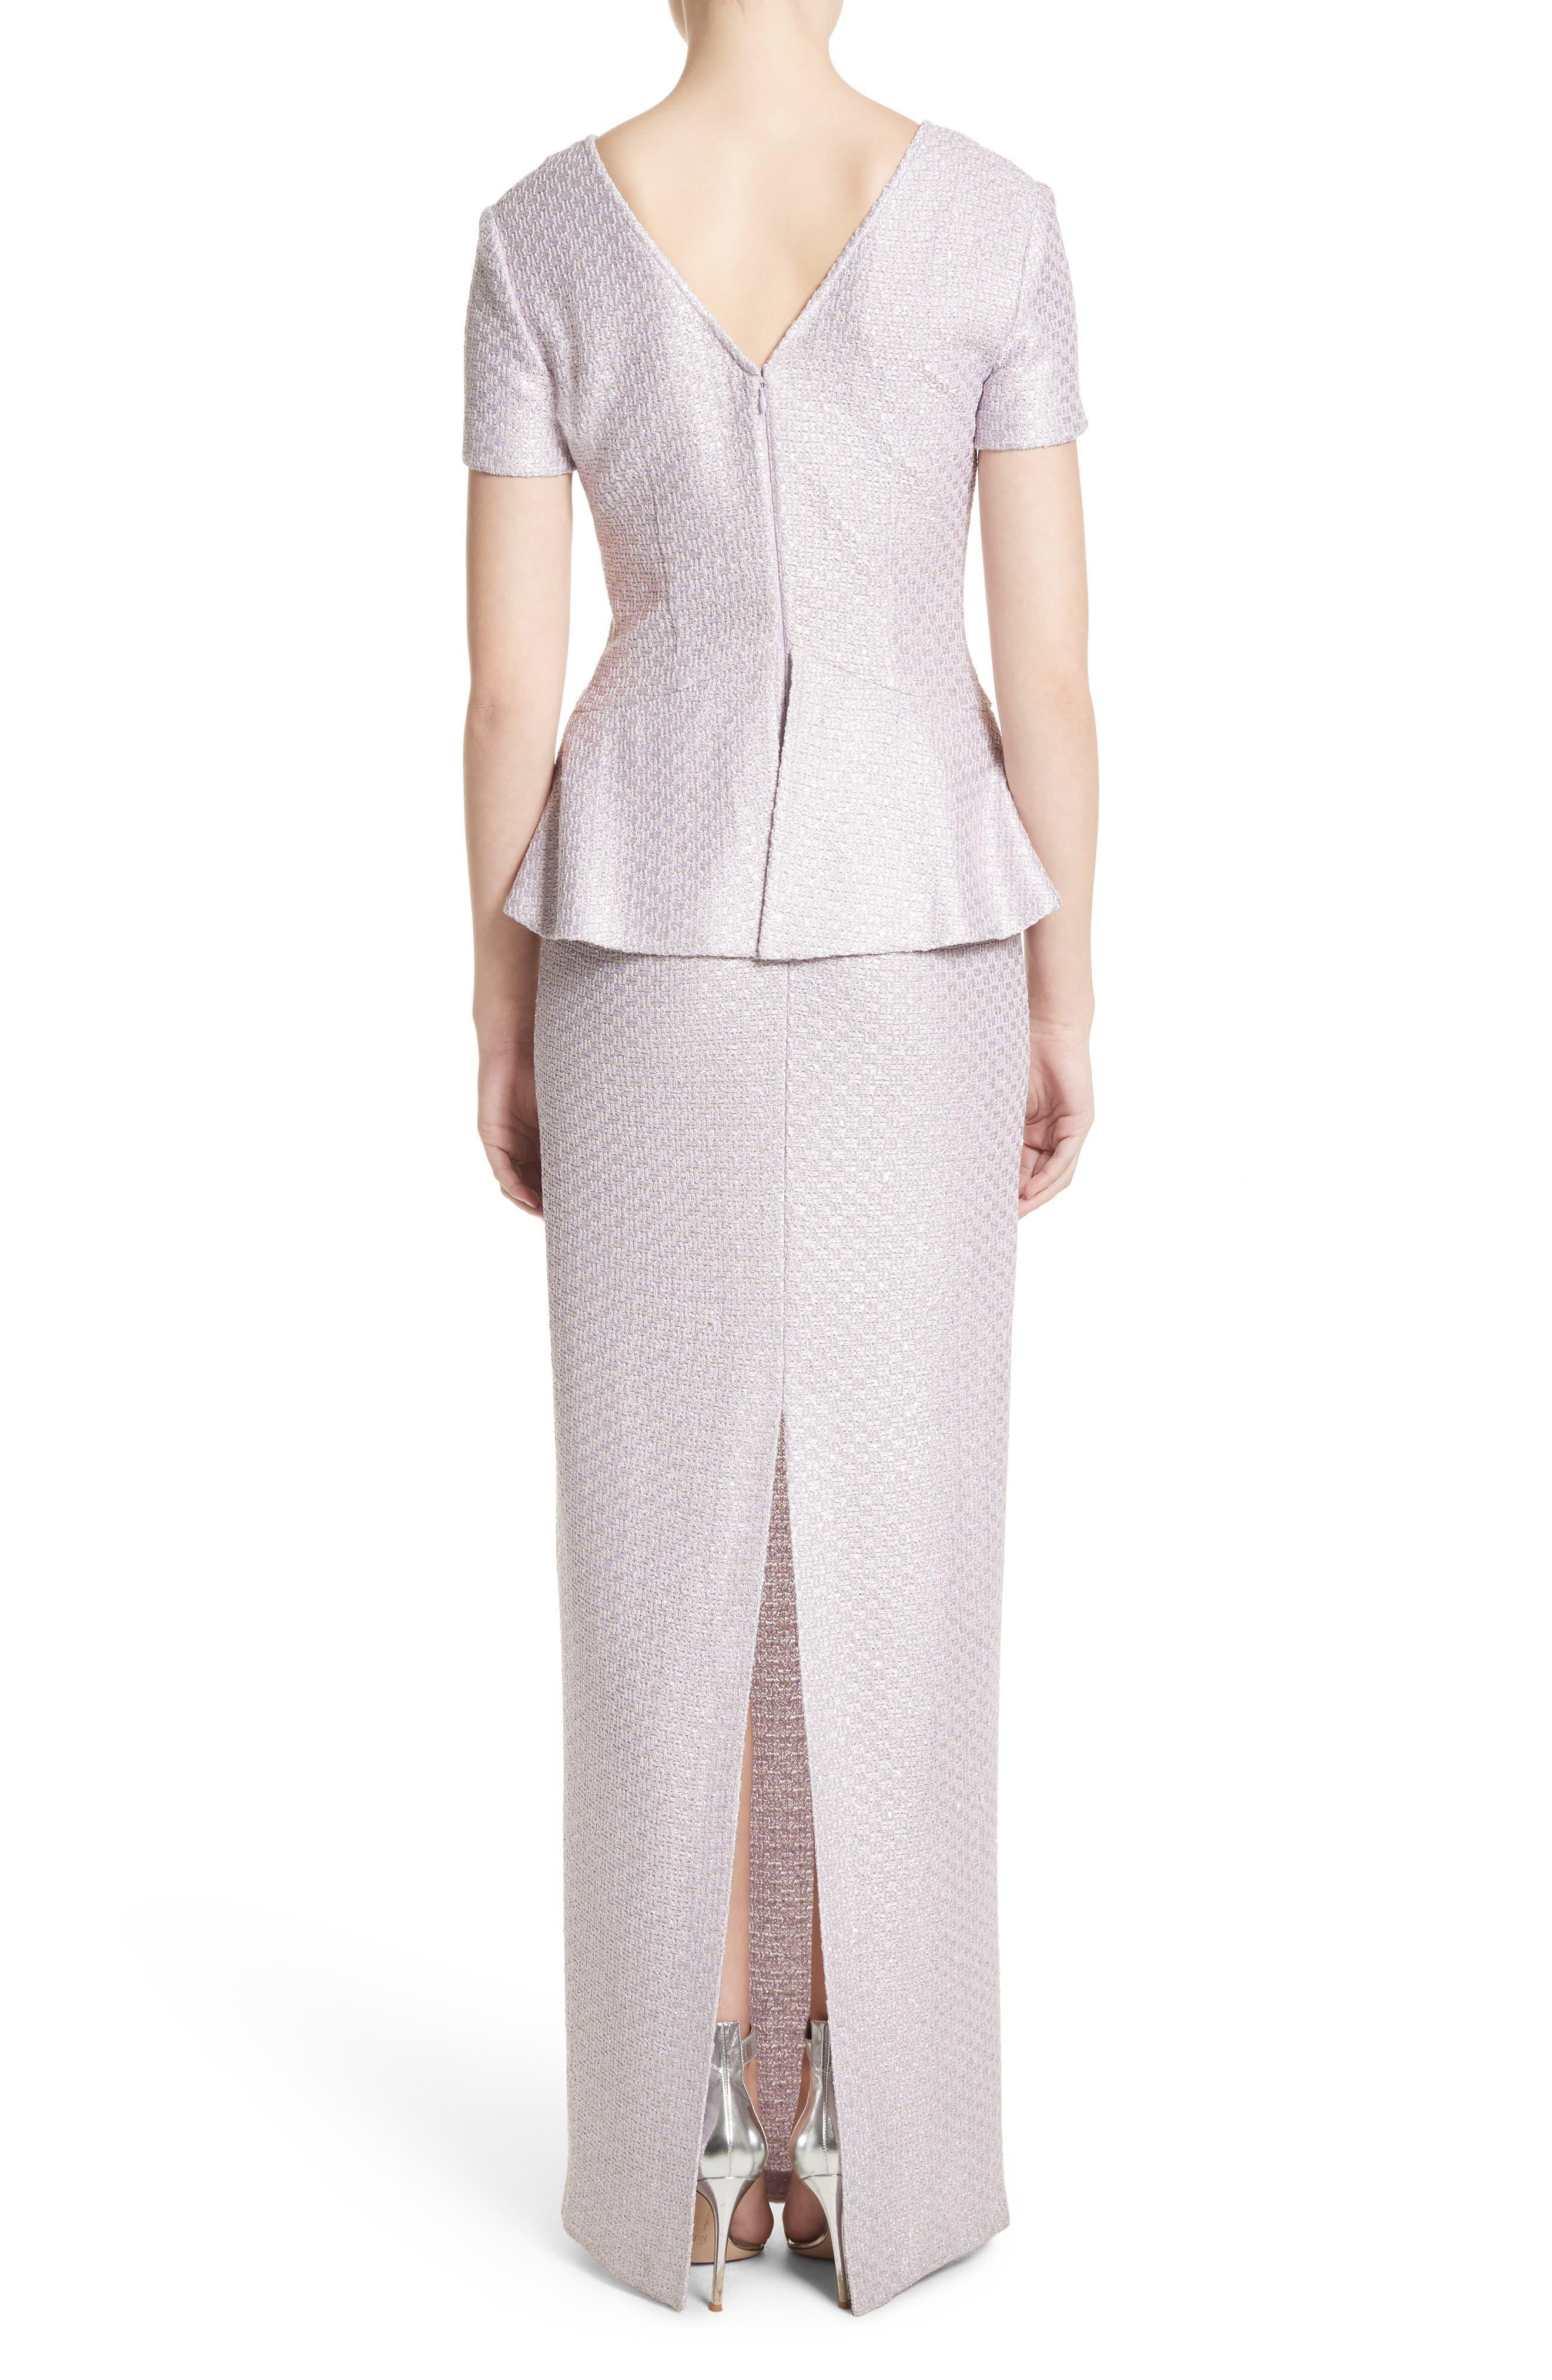 Hansh Sequin Knit Column Gown,                             Alternate thumbnail 2, color,